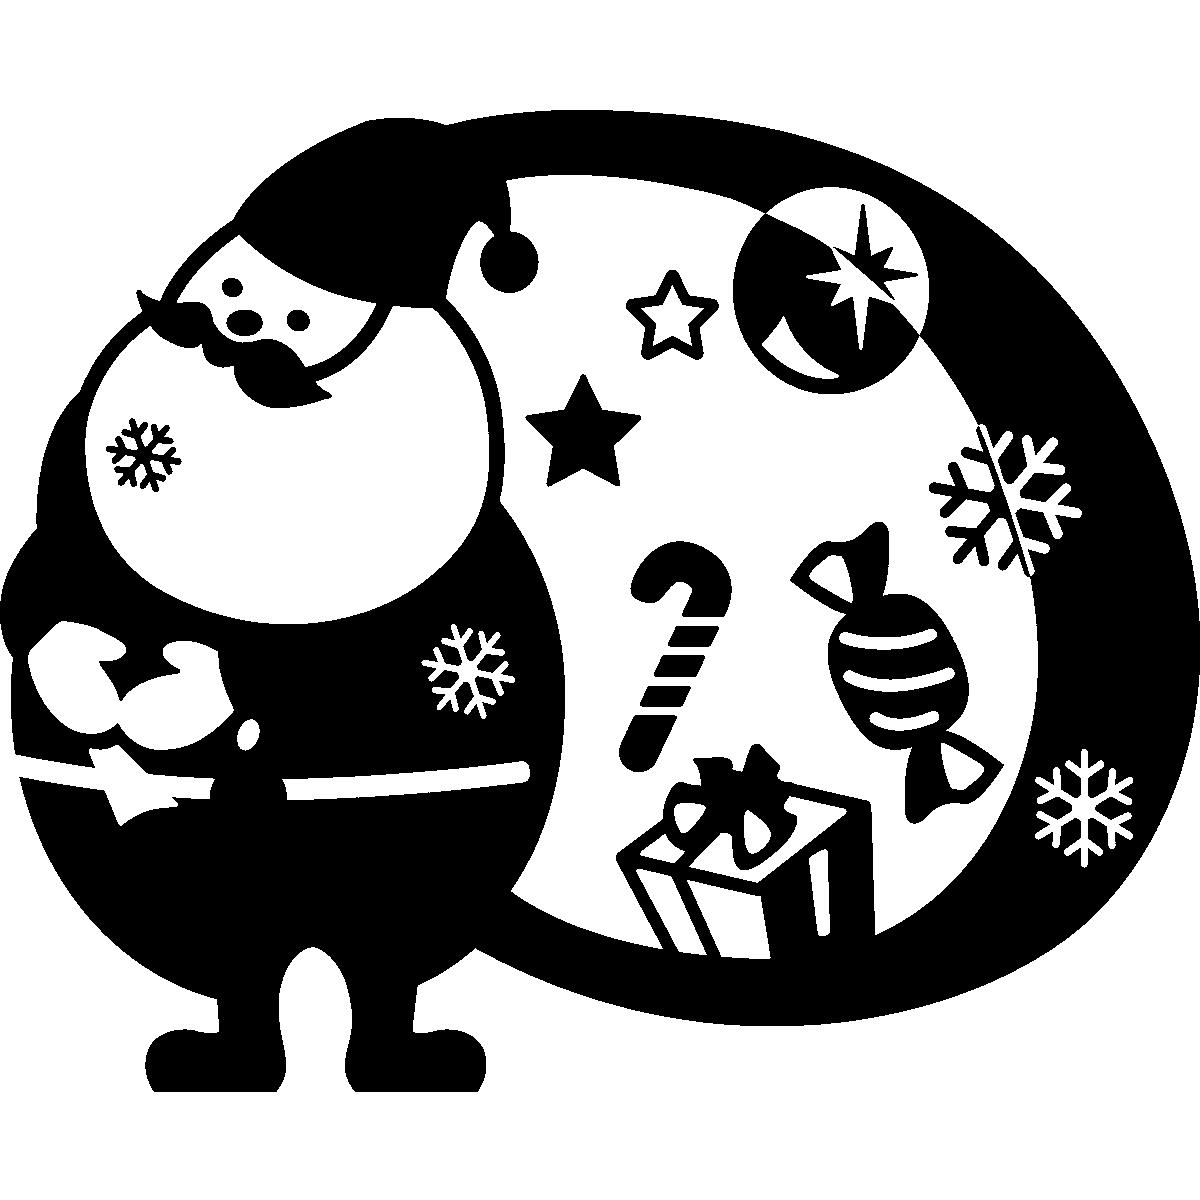 05063e3060 Stickers décoratifs pour Noël - Sticker Père Noël avec le sac - ambiance- sticker.